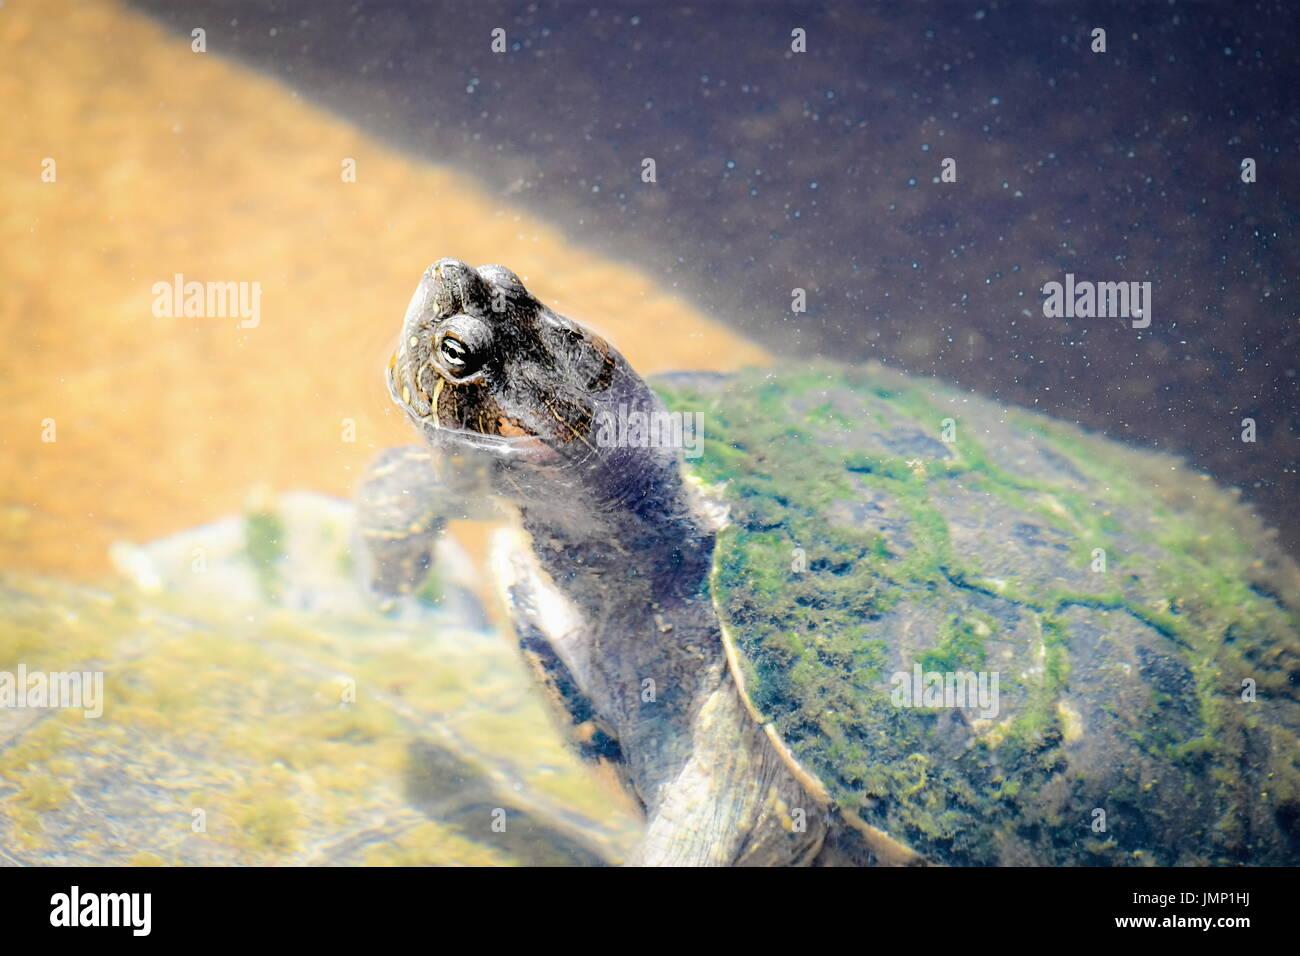 Nahaufnahme einer Schildkröte mit dem Kopf aus dem Wasser Stockbild